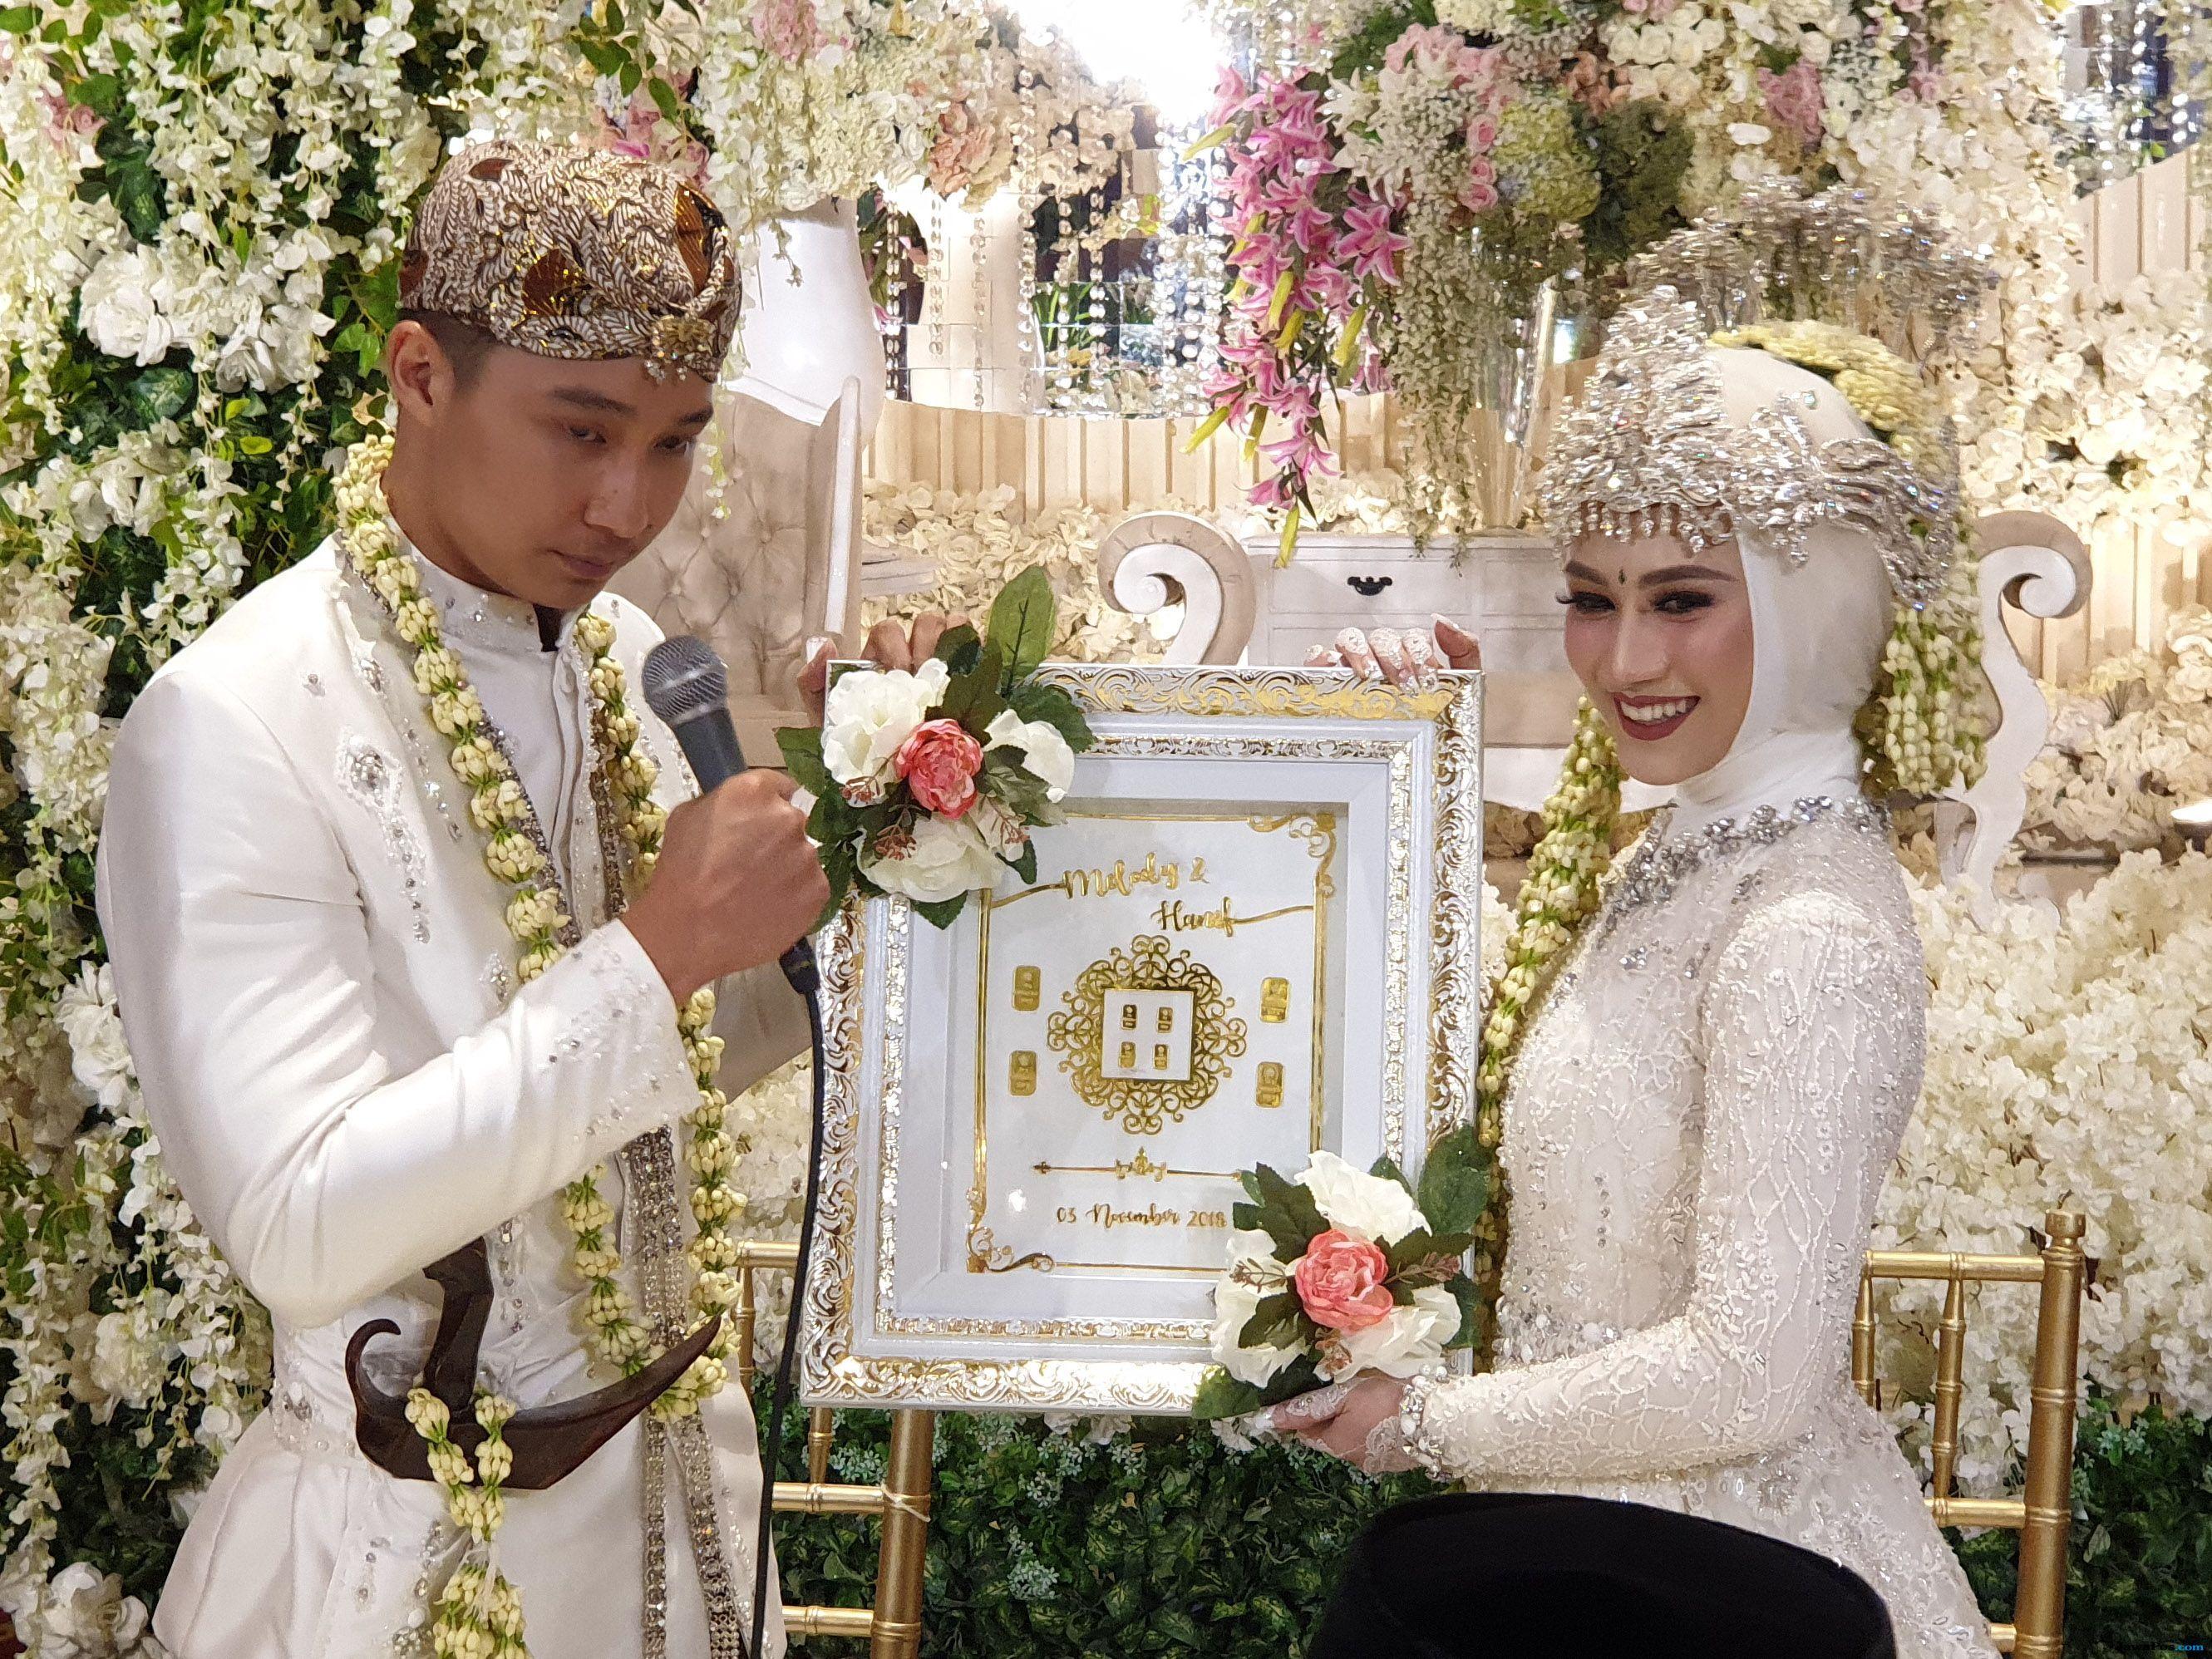 Sah! Hanif Resmi Menjadi Suami GM JKT48 Melody Nurramdhani Laksani